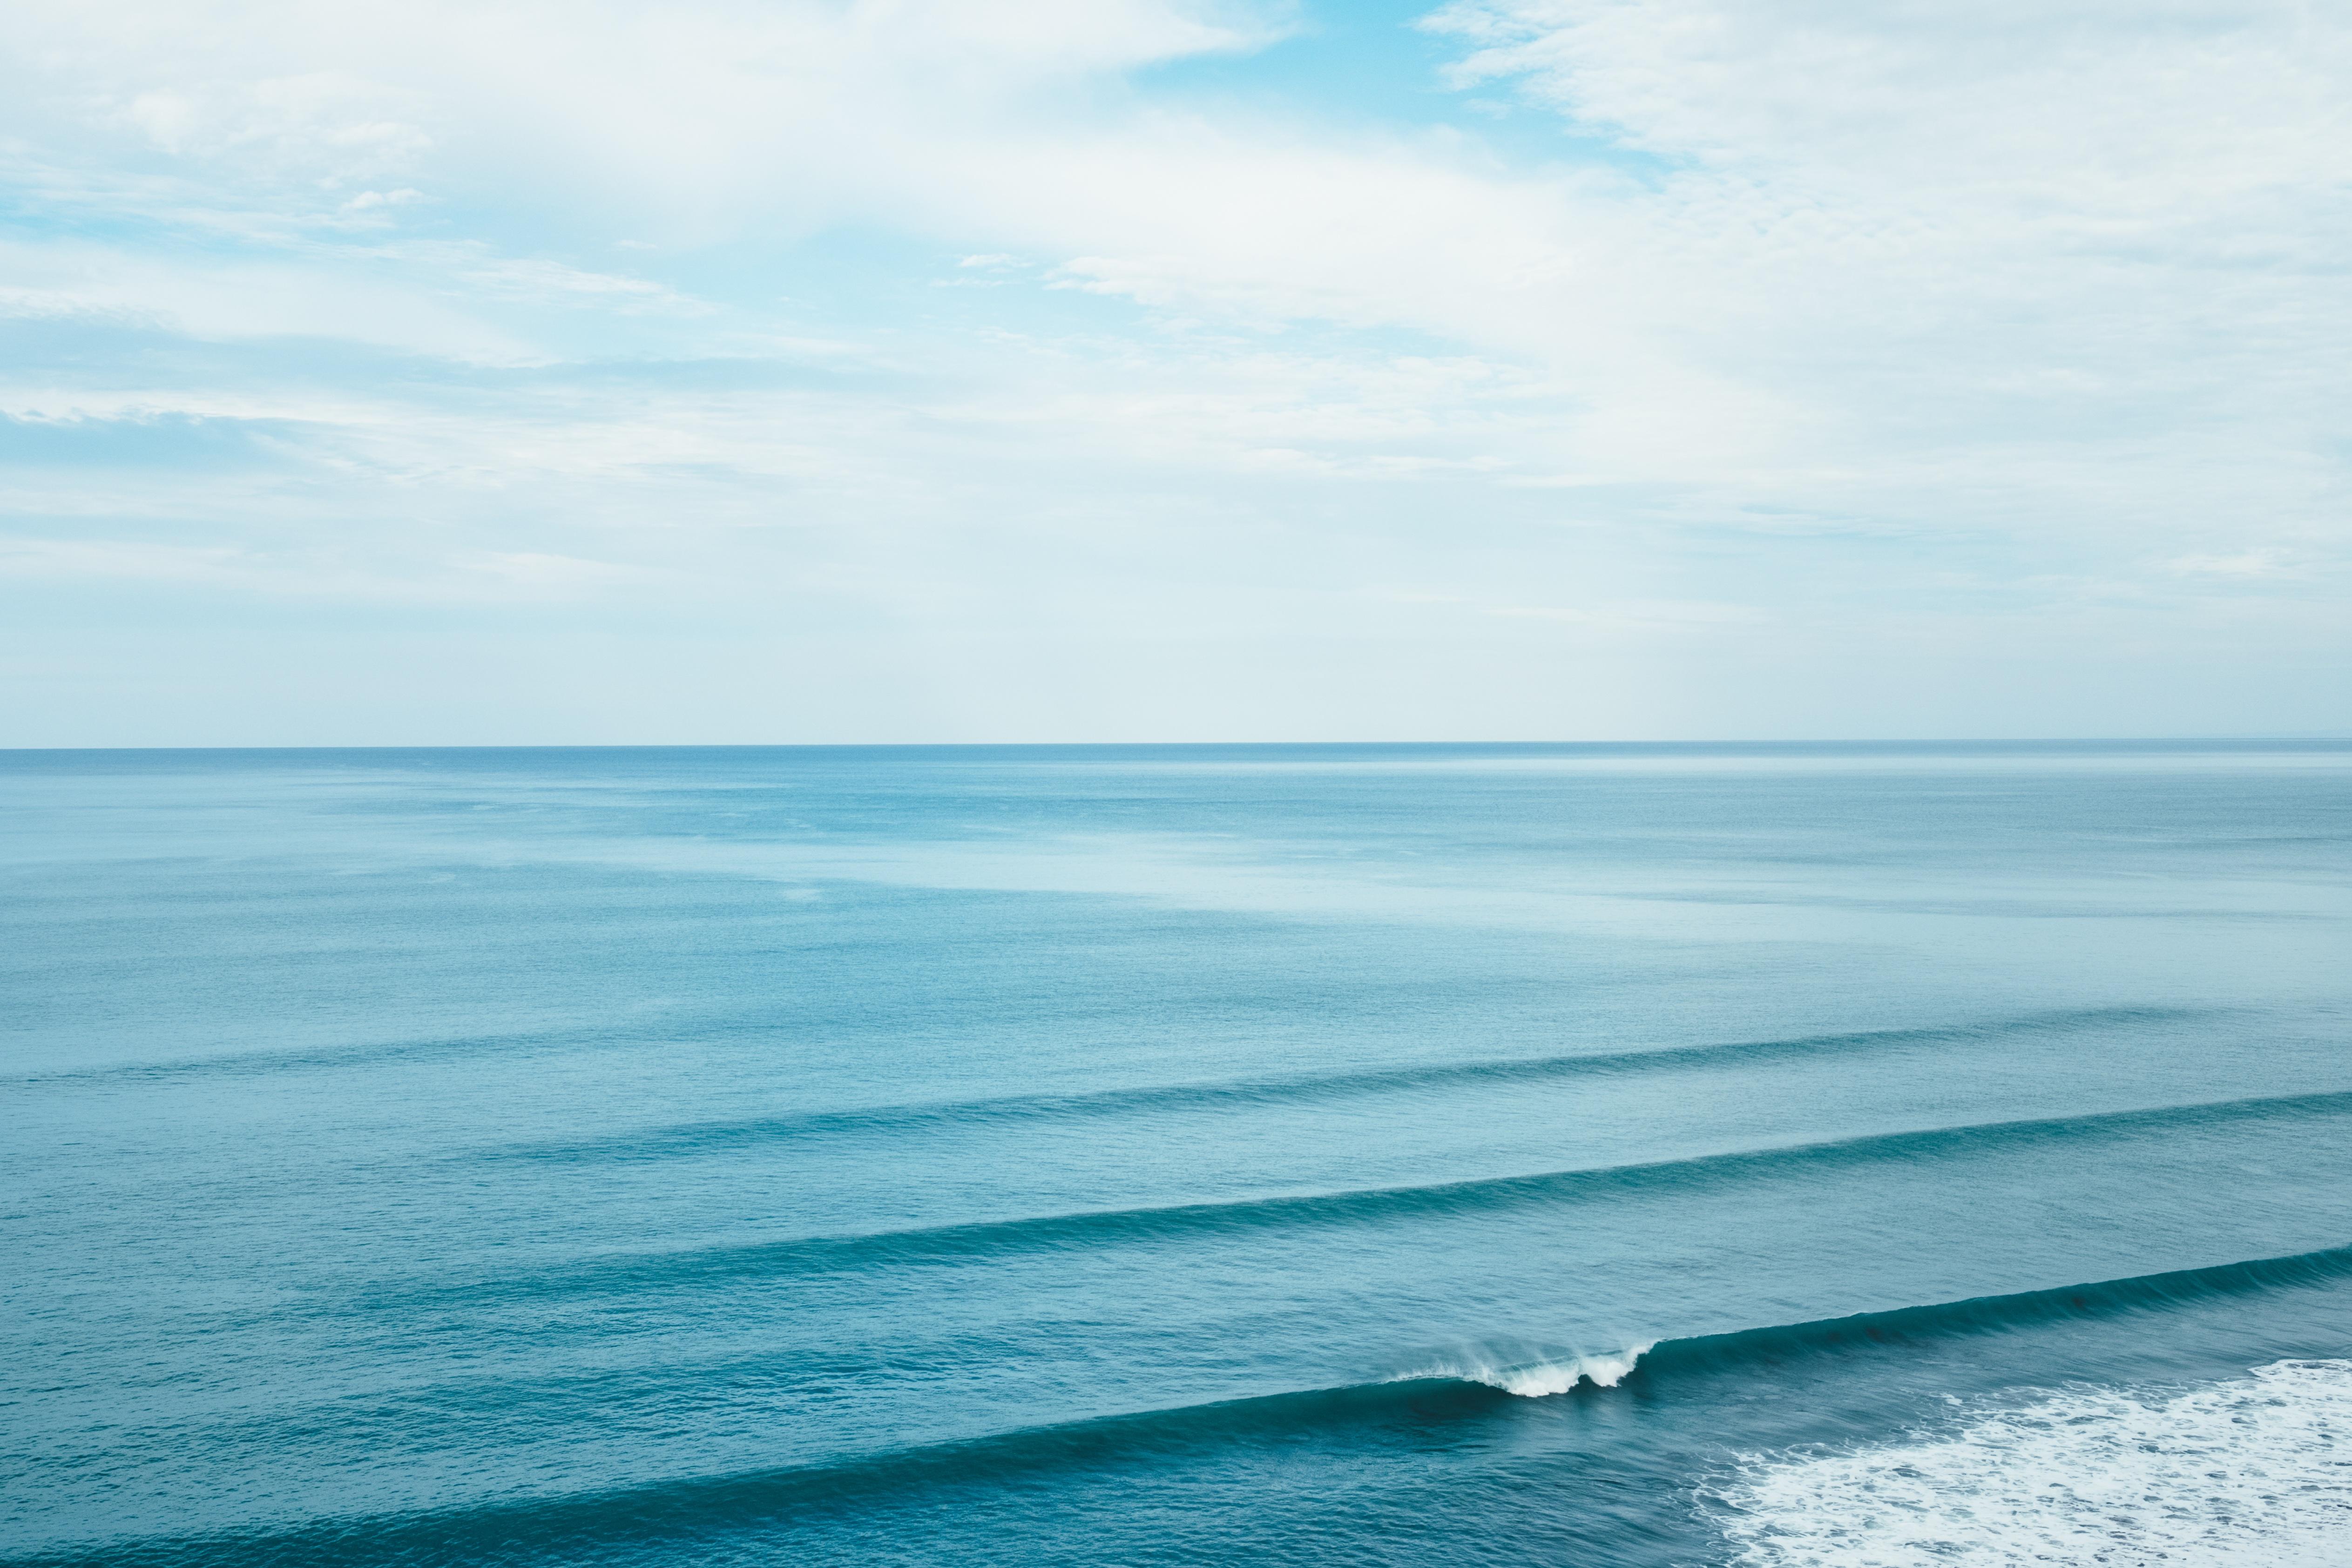 конец качественное фото красивого моря вечеринка закончилась, все